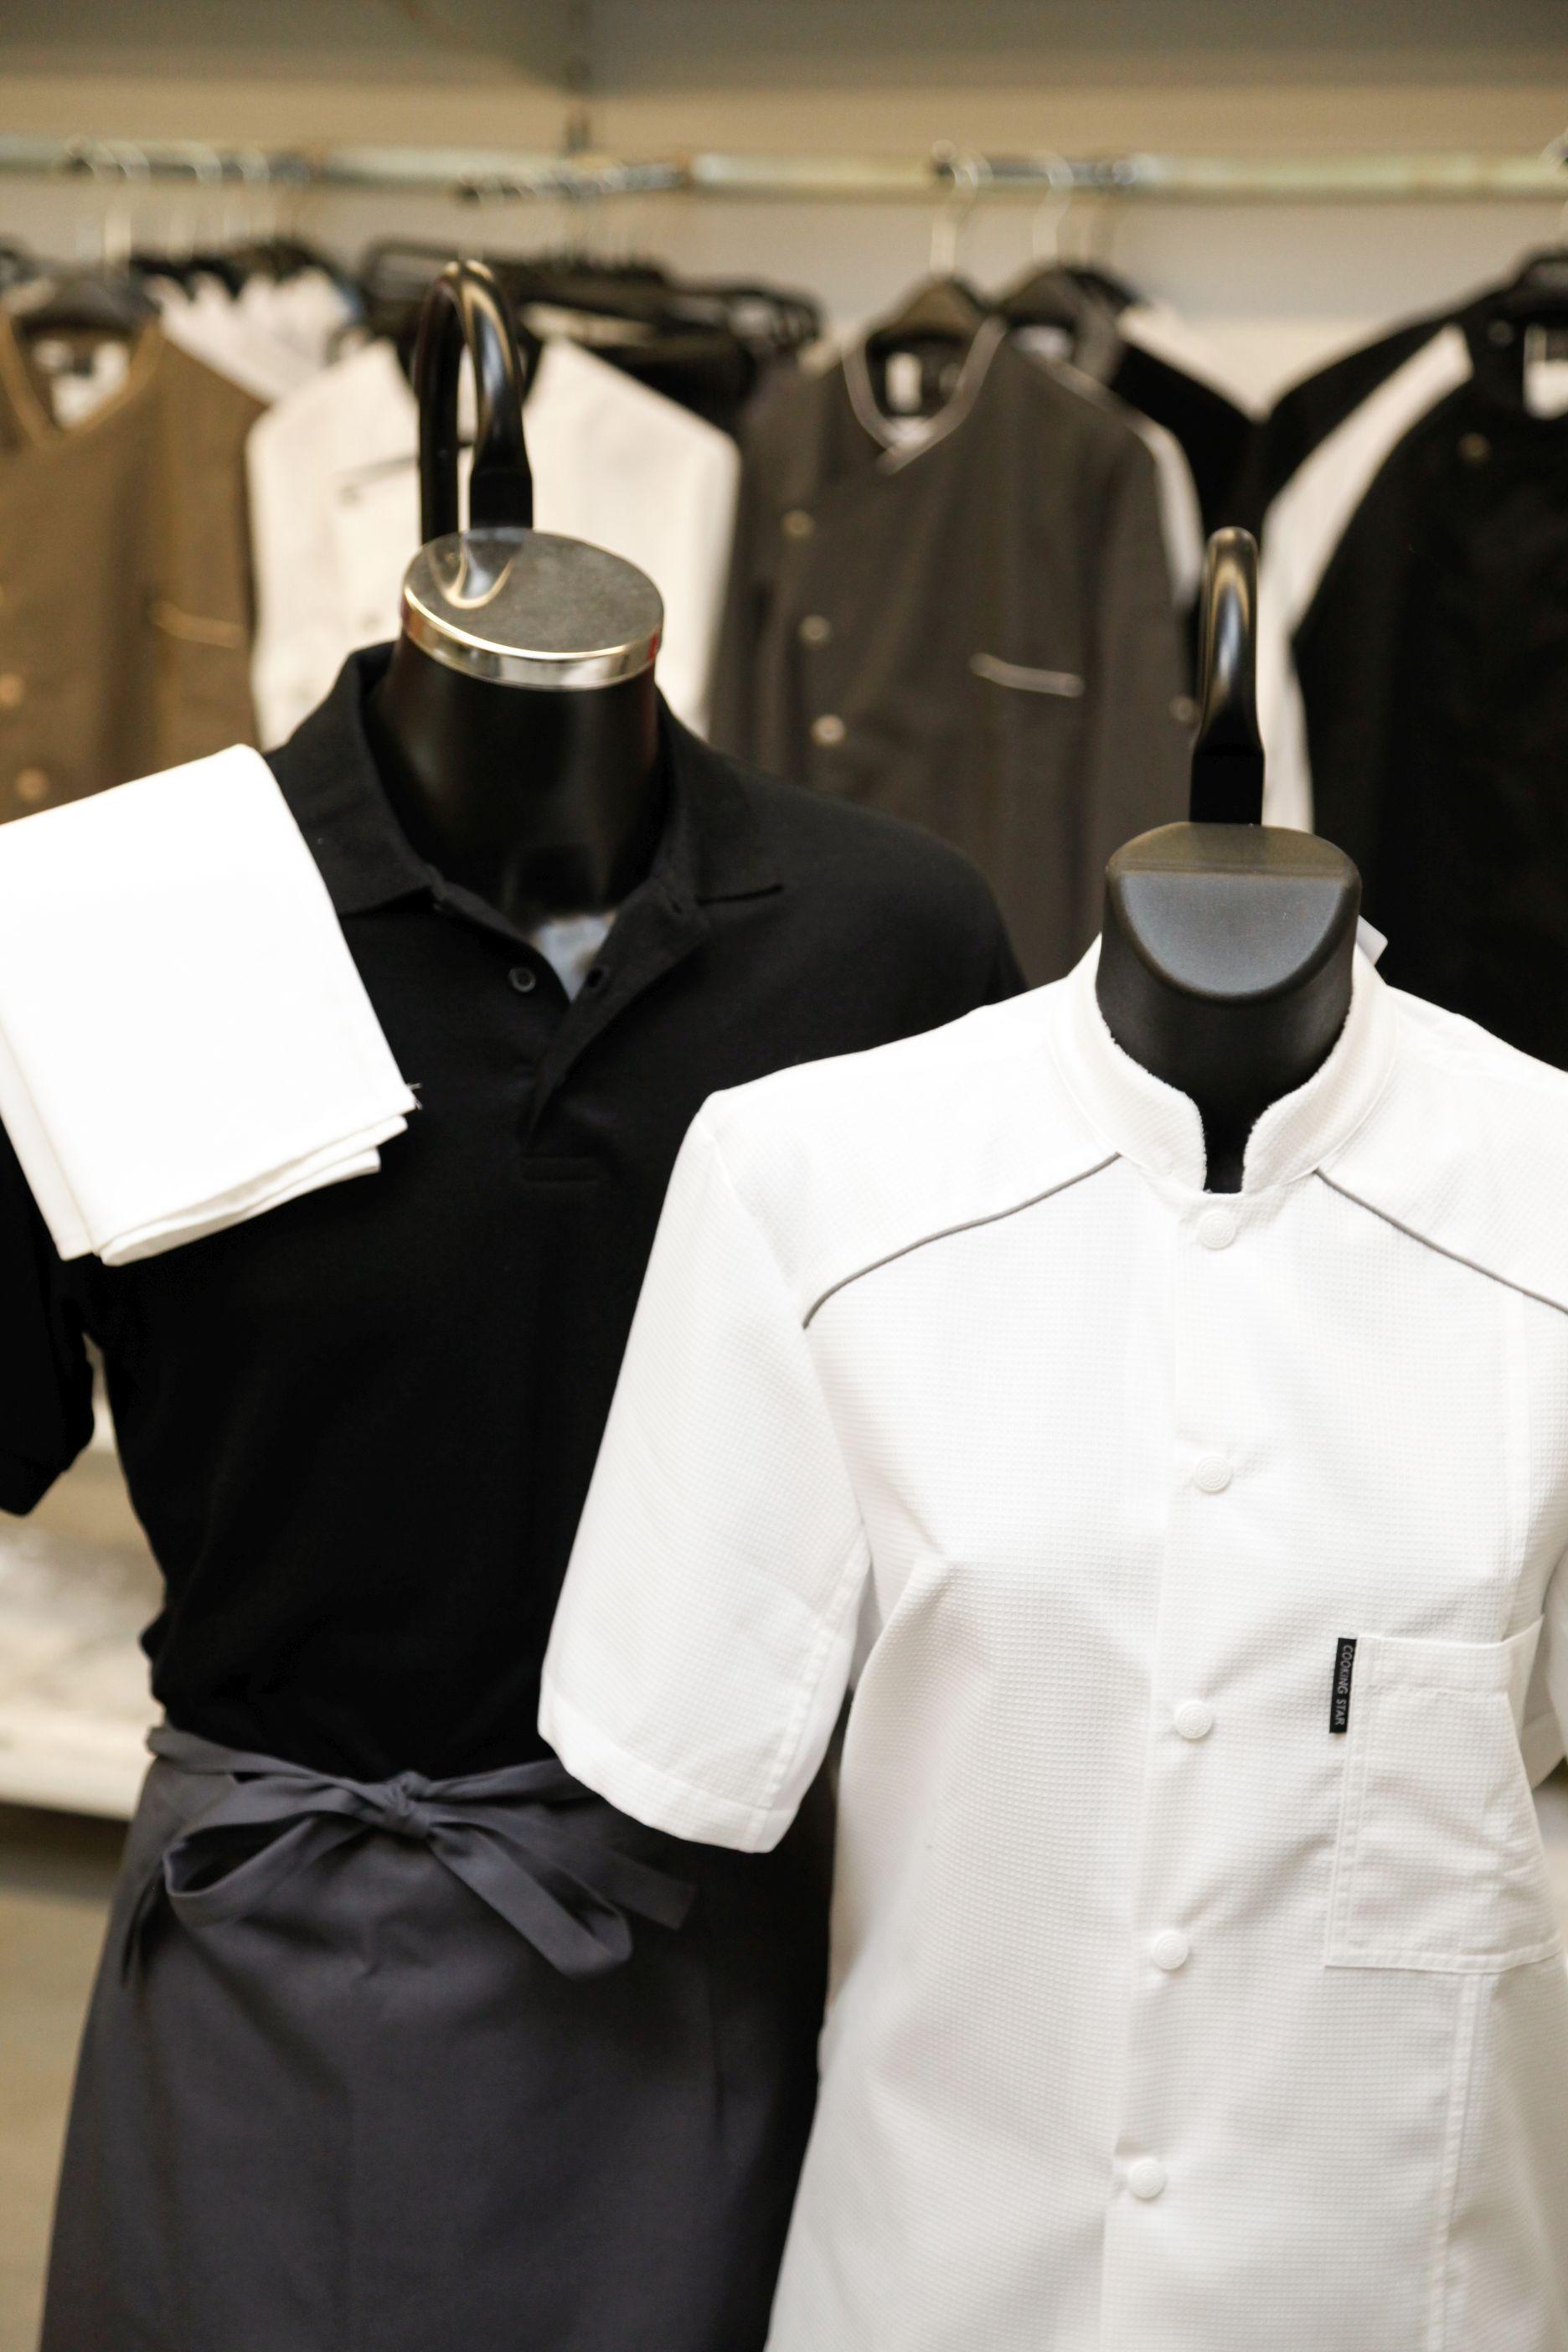 et un large choix de vêtements de travail professionnels  bermudas